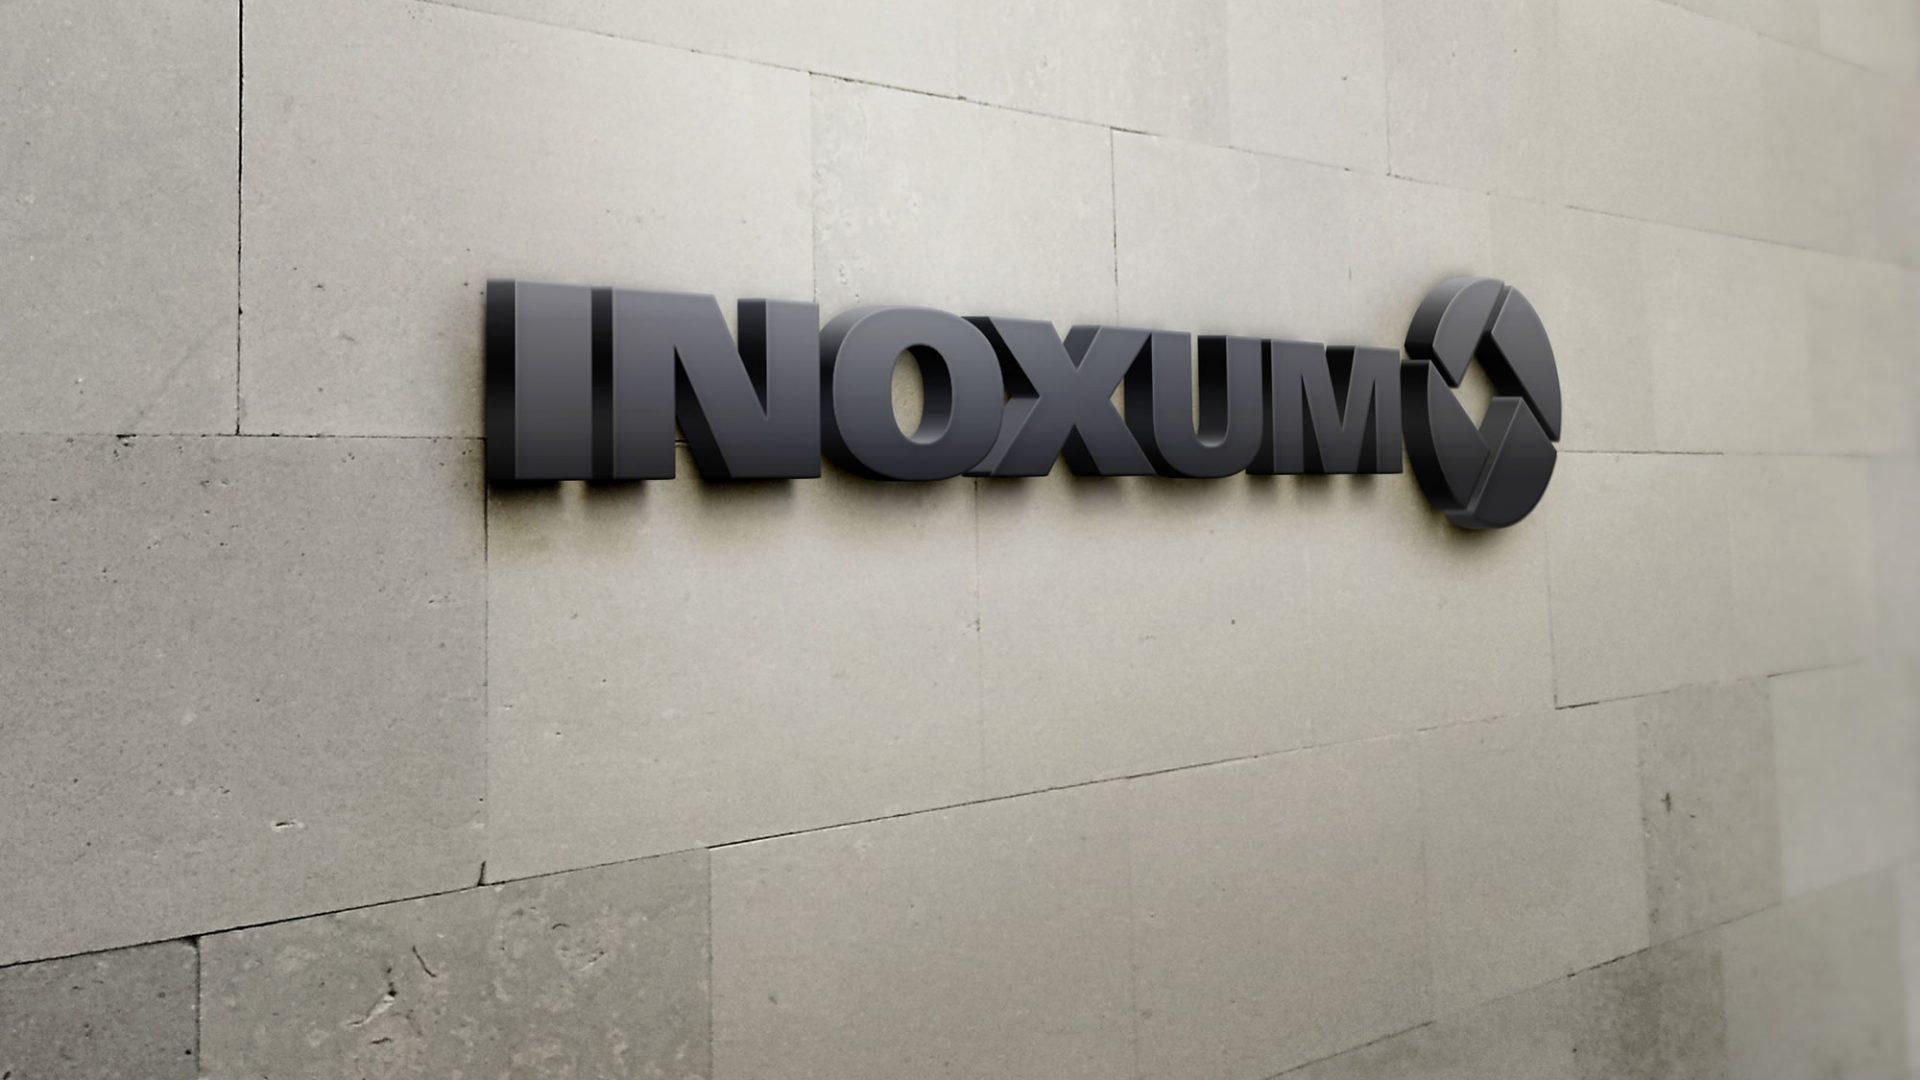 Logo von Inoxum, der ehemaligen Edelstahlsparte von ThyssenKrupp, an der Wand